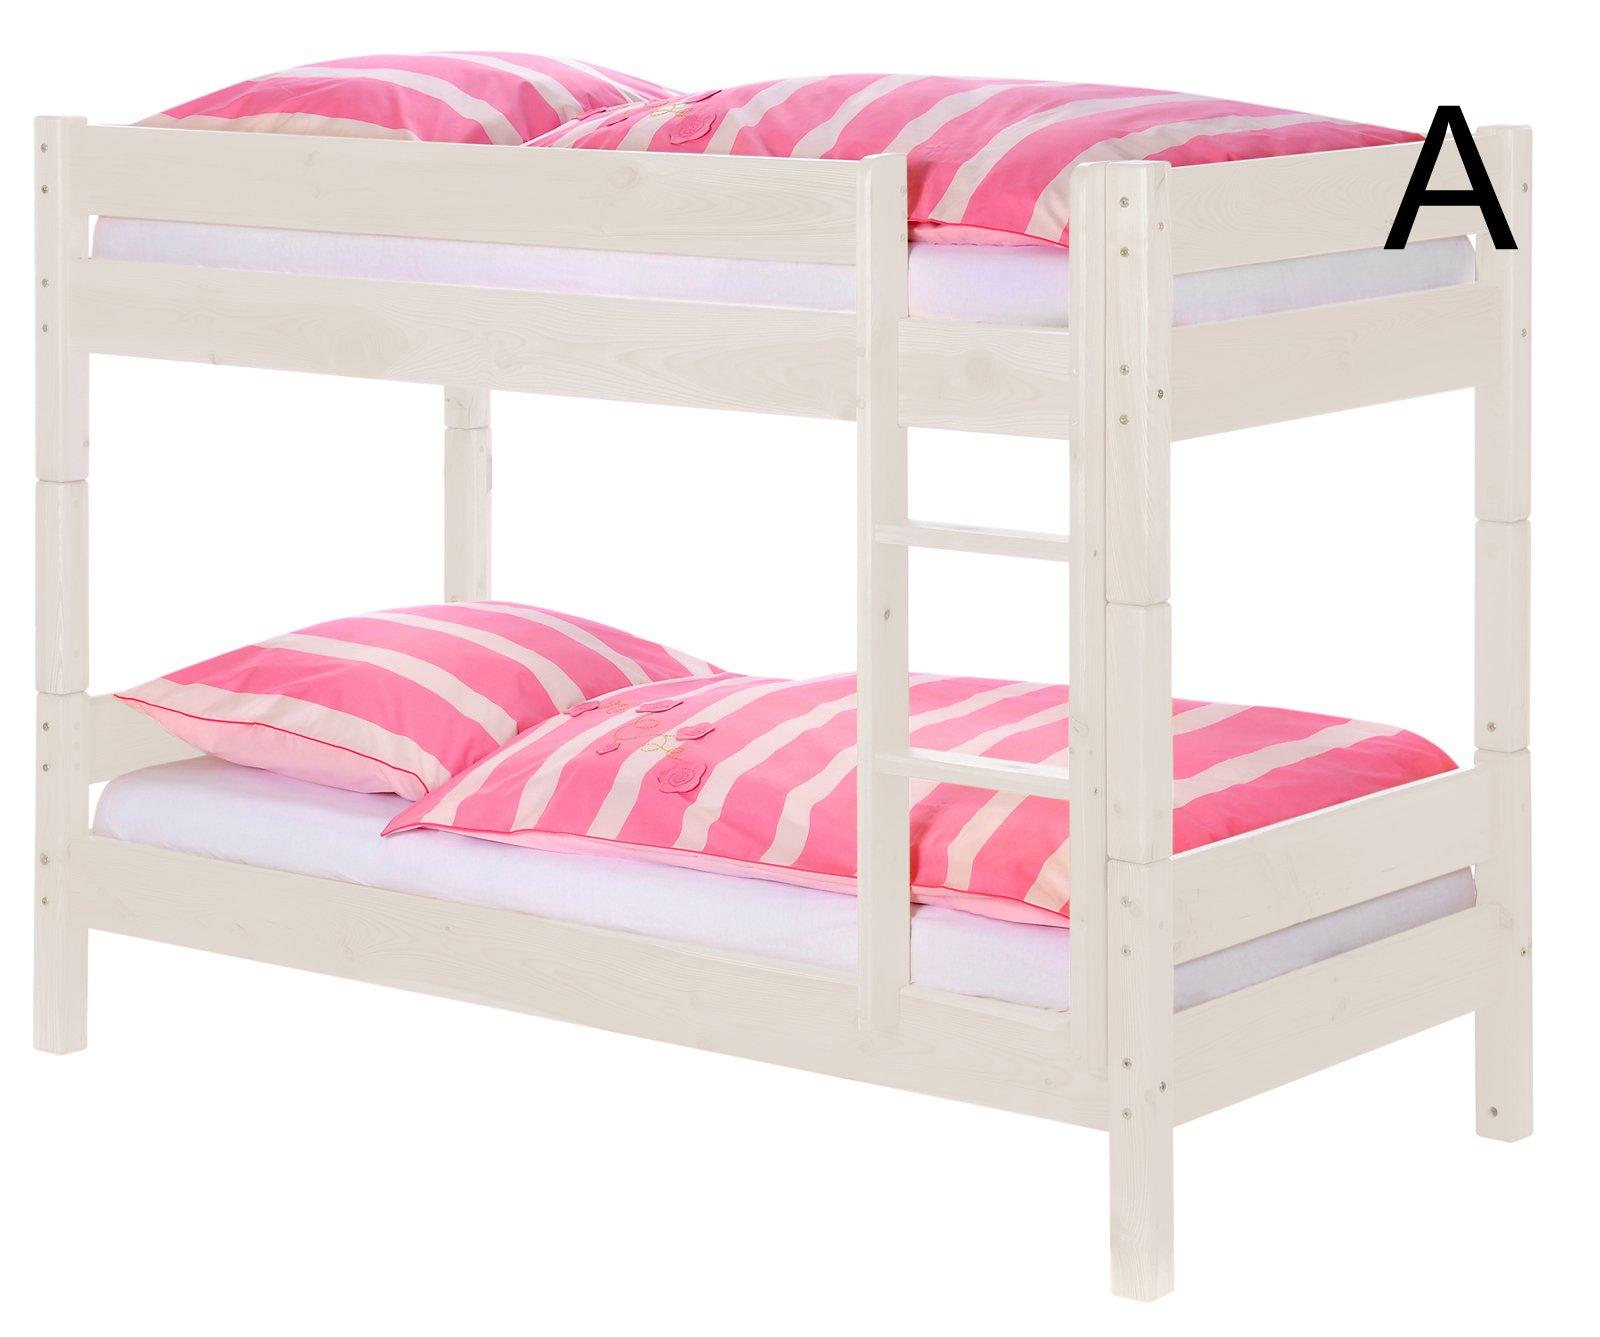 SAM® Litera para niños Jungla I blanco de madera maciza de base cama umbaubar a dos cama individual con ampliación como Variation (2 x Seguridad somier enrollable/Cortina) hochbett con vertical Escalera escalera